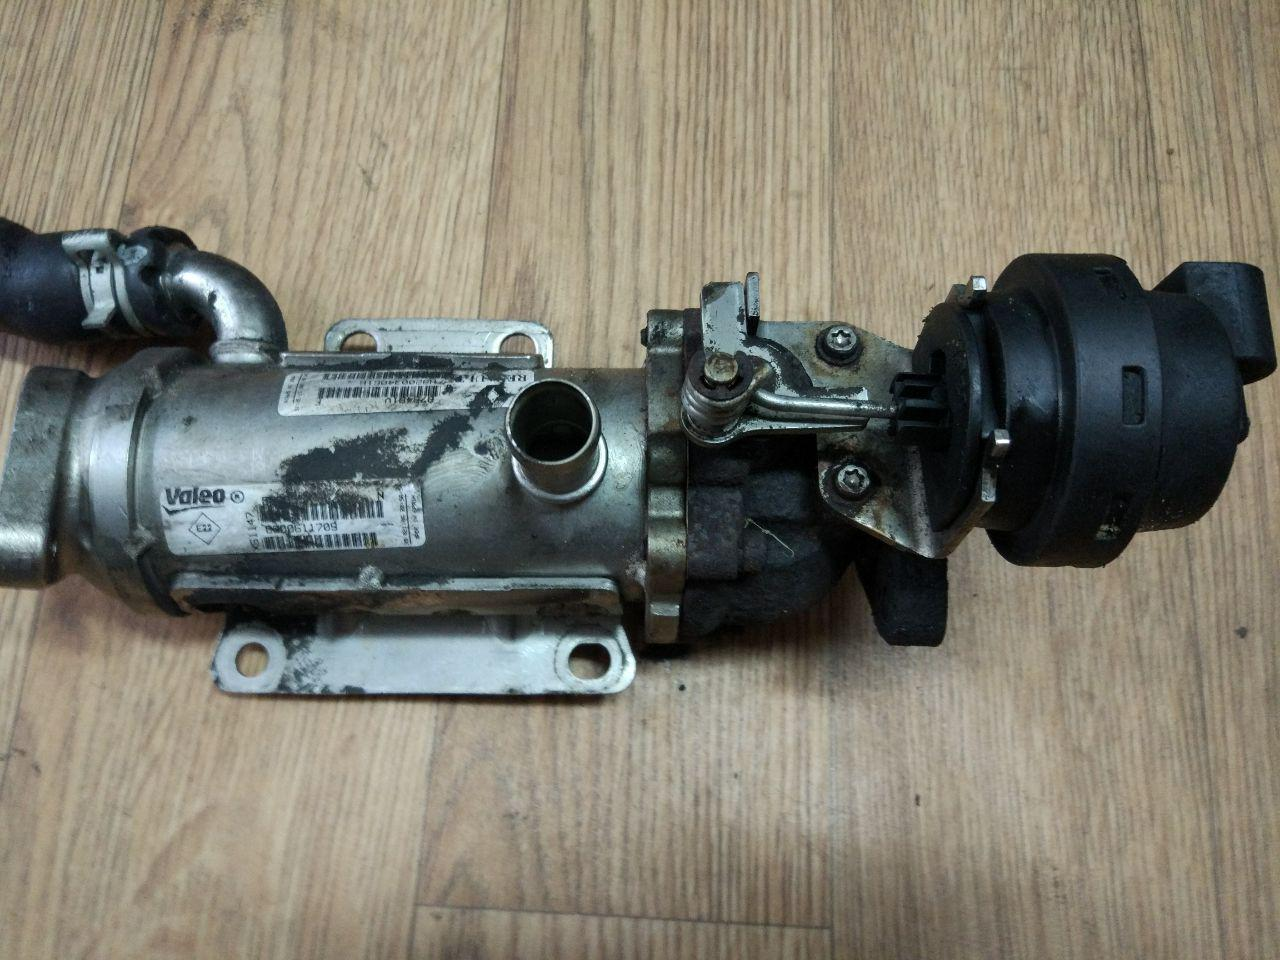 Охолоджувач відпрацьованих газів (EGR) Renault Trafic, Opel Vivaro 2.0, 2006-2011, 8200611709 (Б/У)